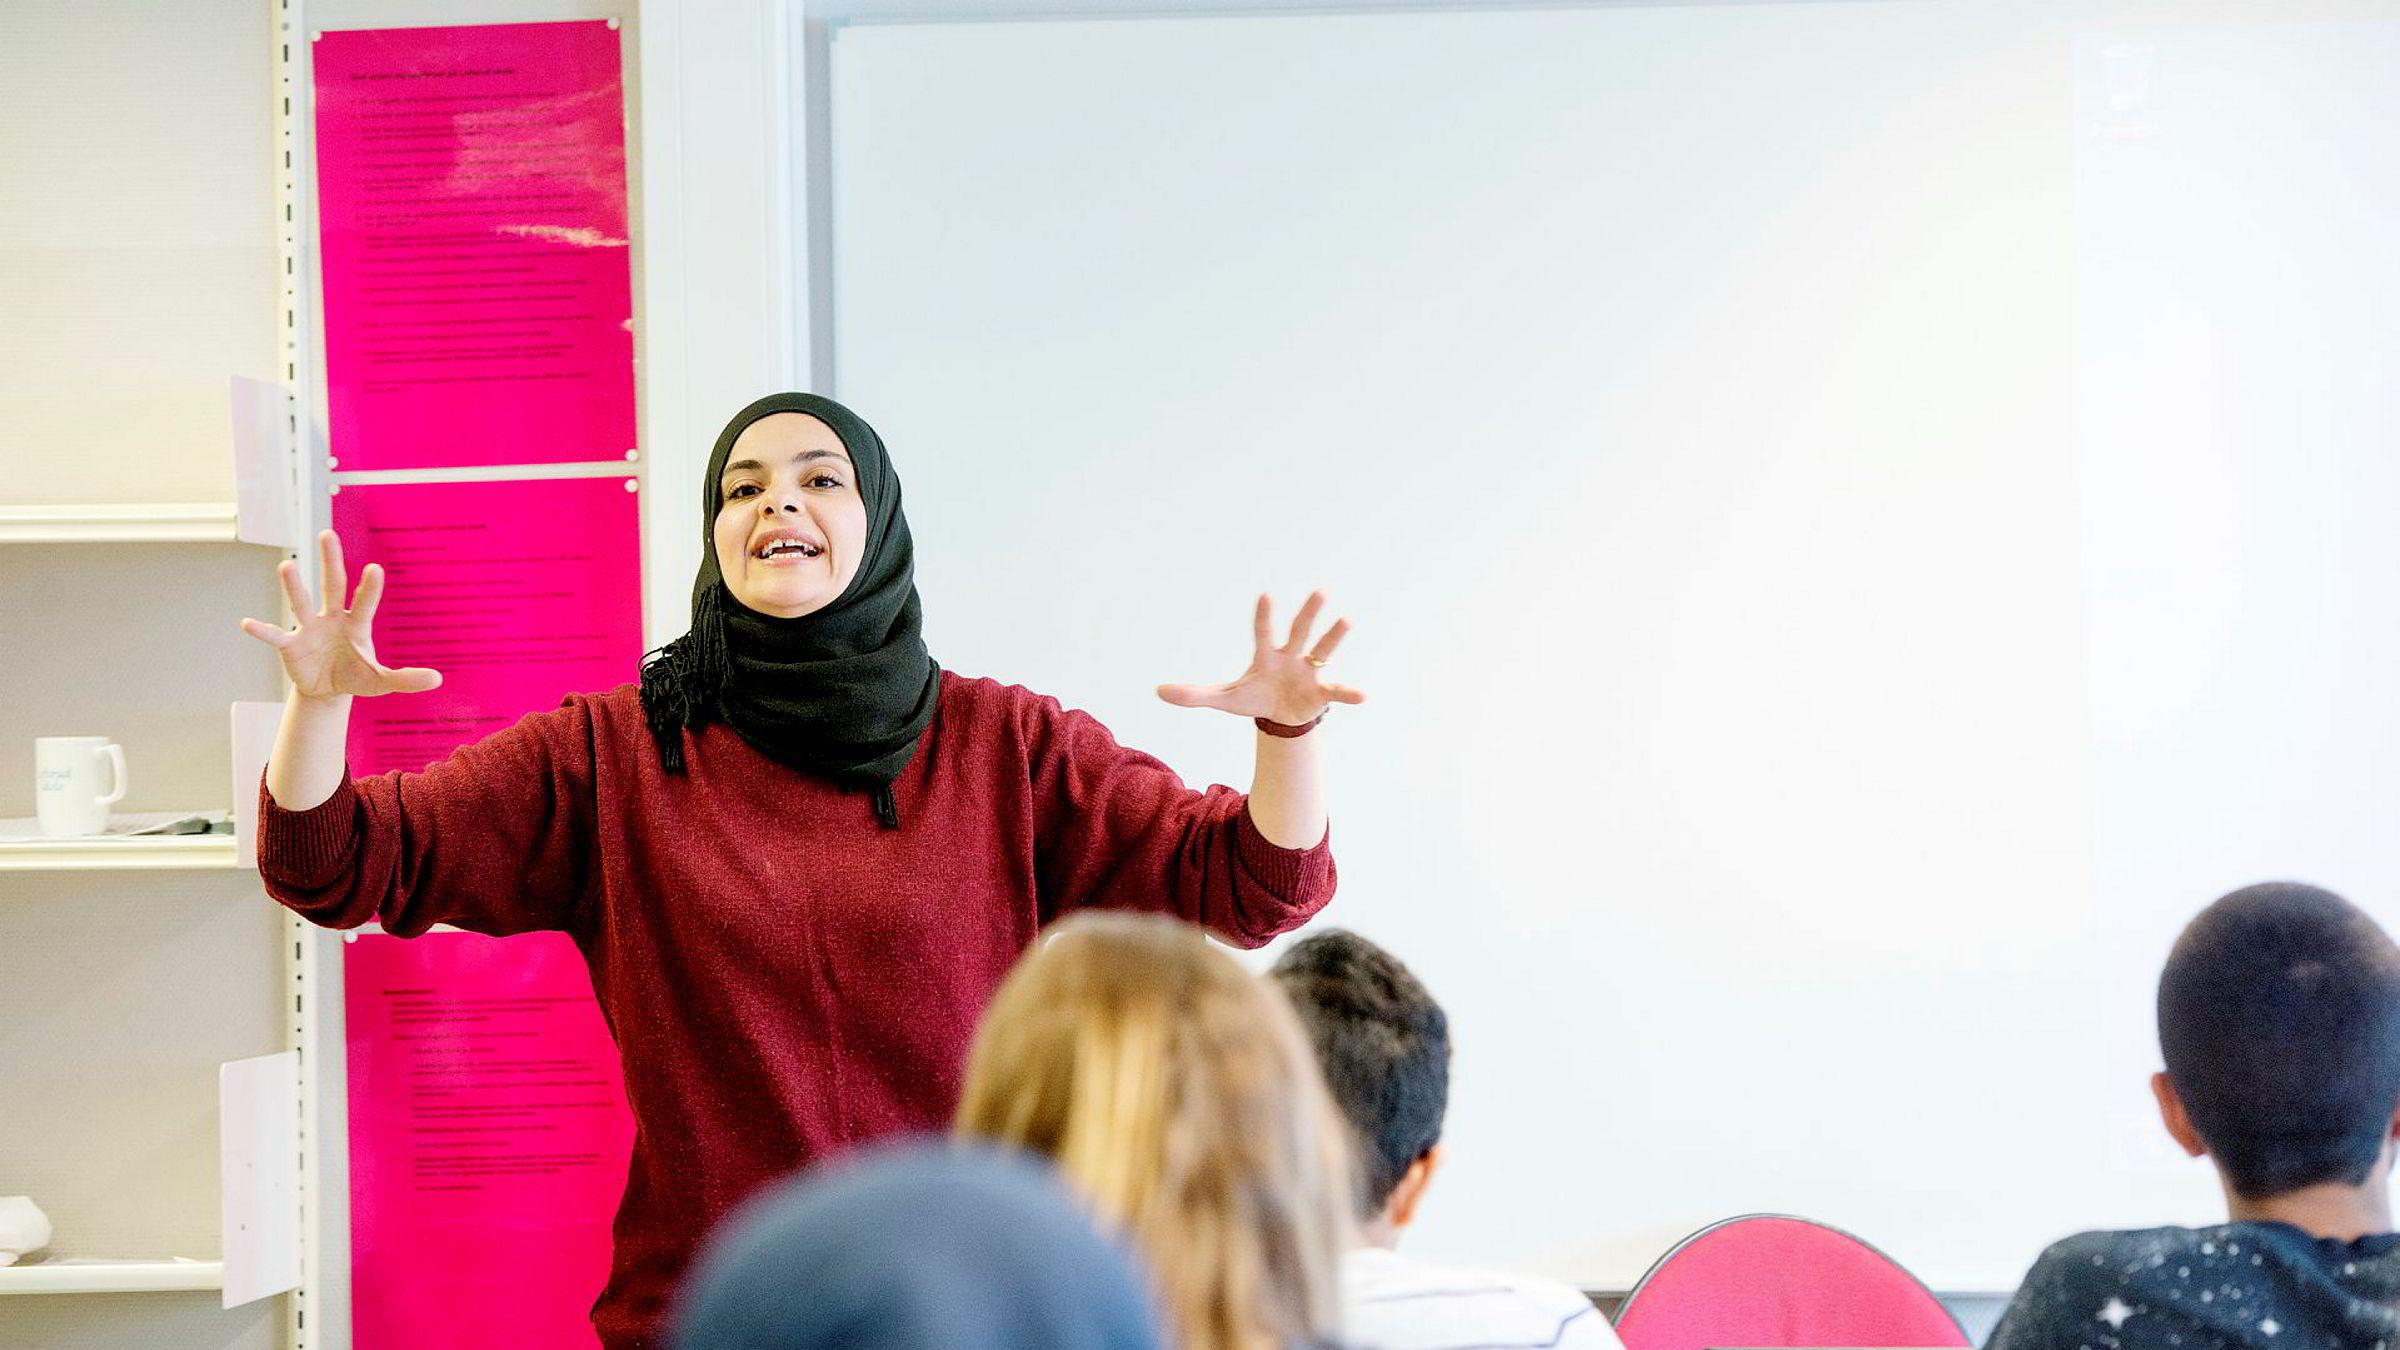 Hanan Abdelrahman vil ha mer vekt på forståelse og dybdekunnskap i mattefaget, ikke bare overfladisk pugging.